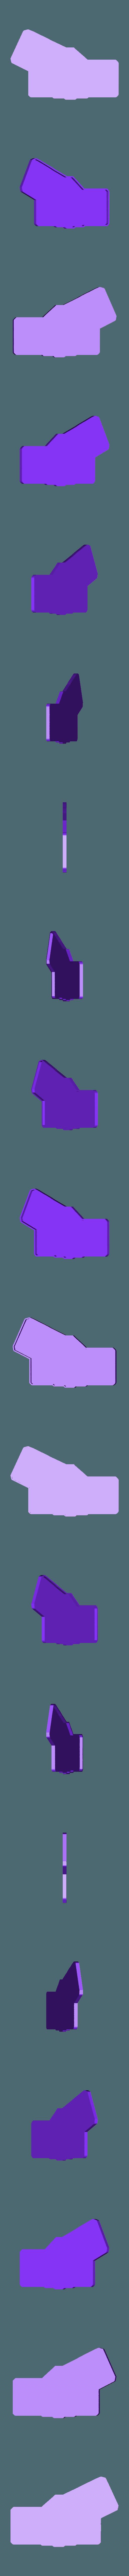 gergo-left.stl Télécharger fichier STL gratuit Étui ergonomique pour clavier Gergo • Plan pour imprimante 3D, rsheldiii